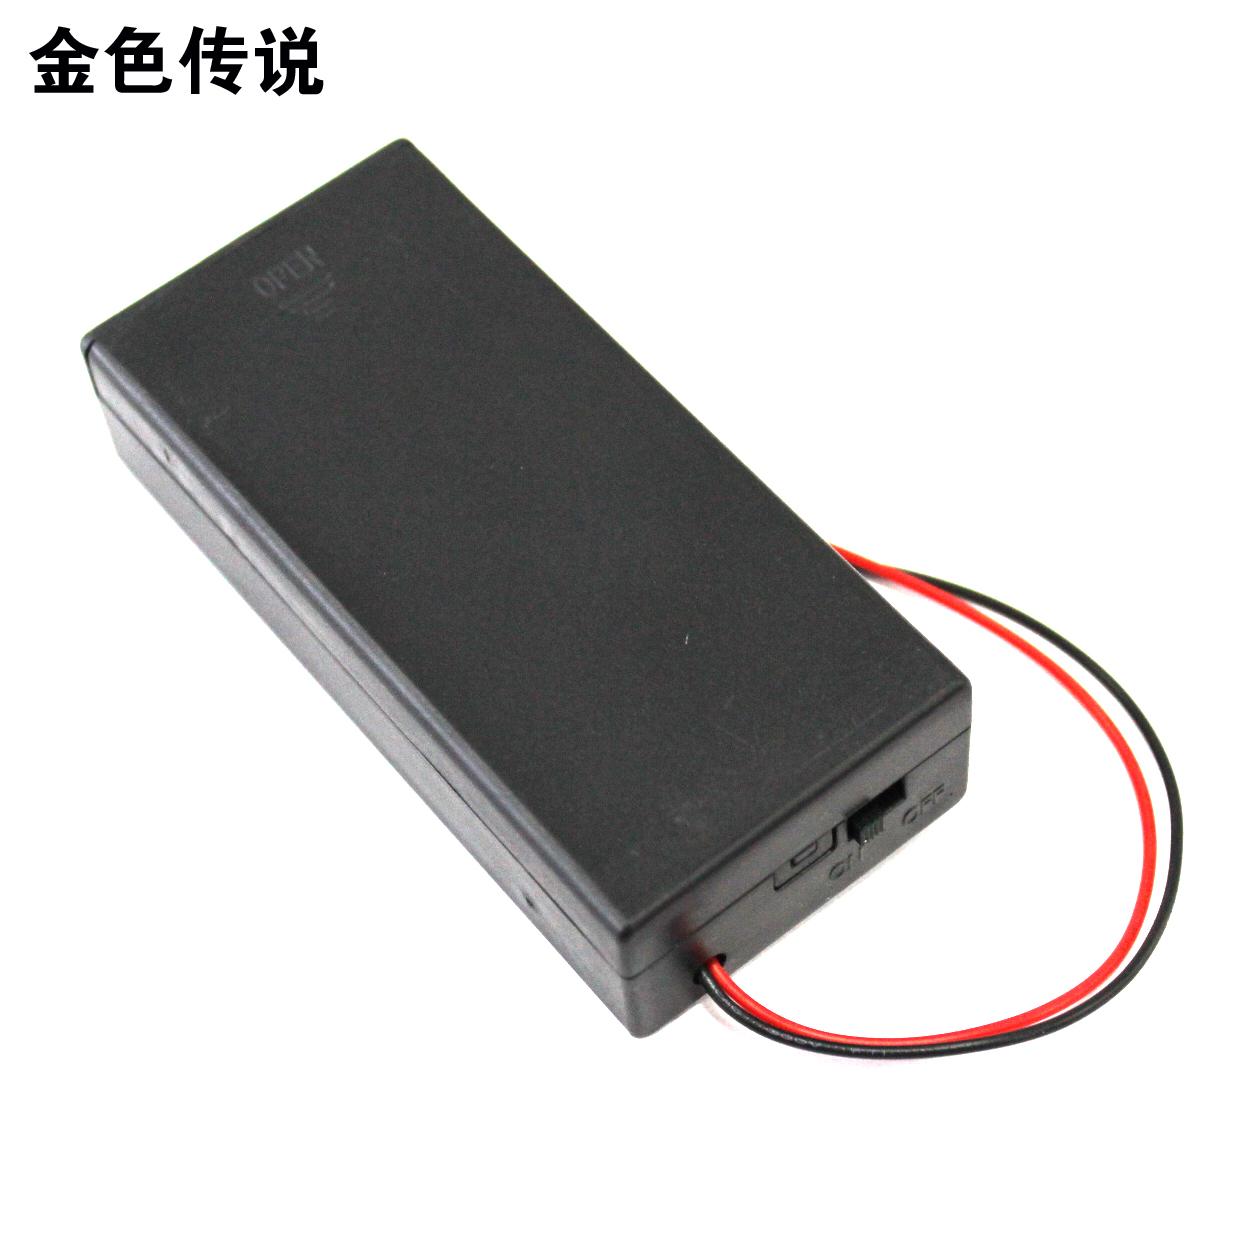 Обычно 18650 ящик аккумуляторной батареи 2 фестиваль 7.4v литиевые батареи, зарядки крышка ящик аккумуляторной батареи diy комплект 2 фестиваль строка присоединиться